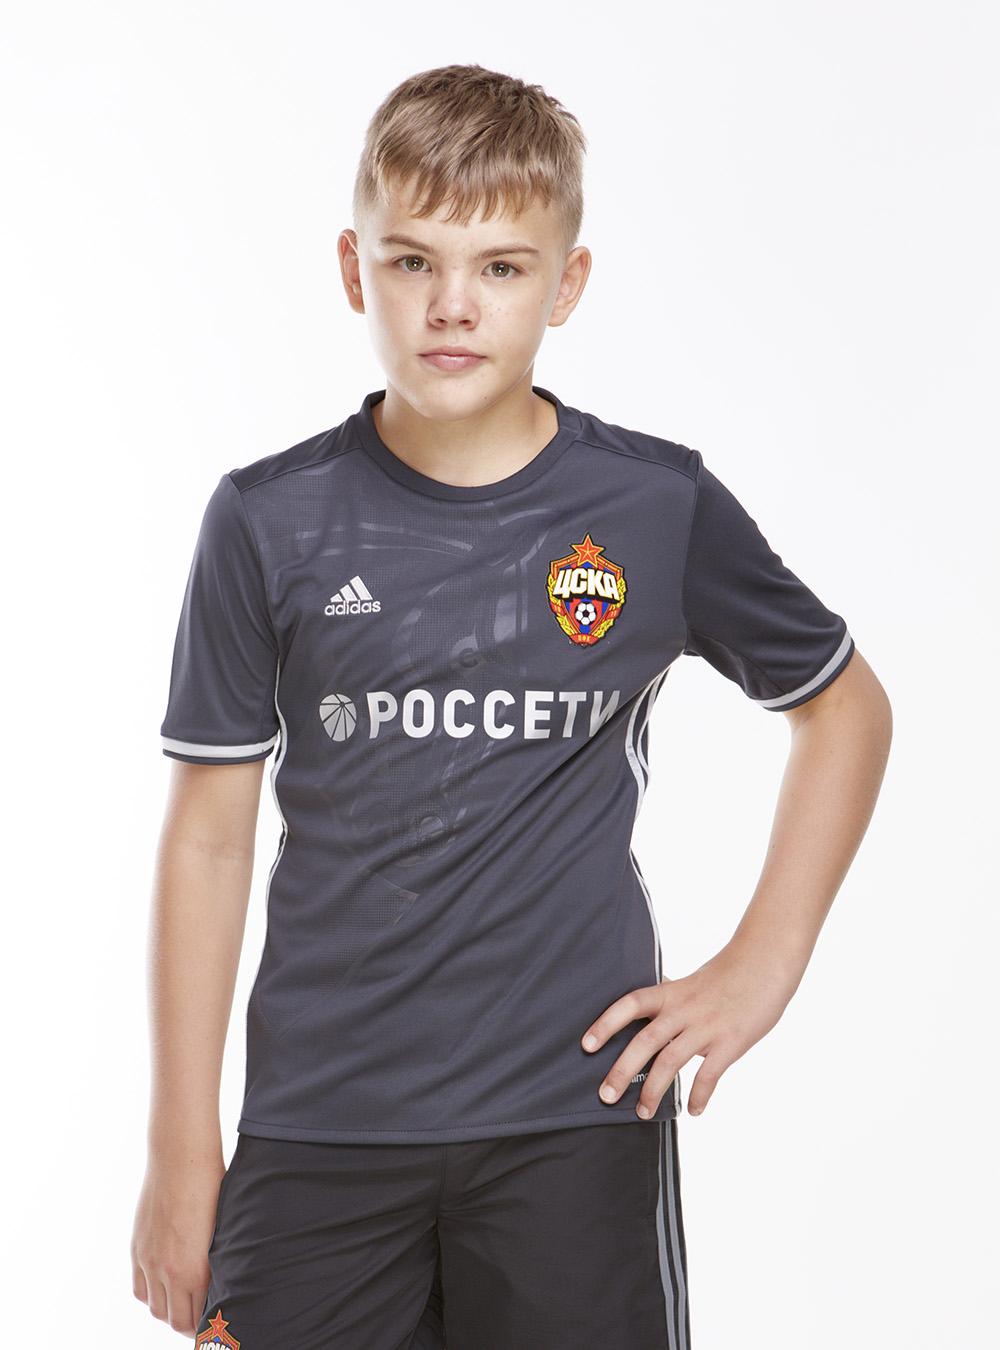 Игровая футболка детская резервная (176)Игровая форма 2017/2018<br>Игровая футболка детская резервная<br>